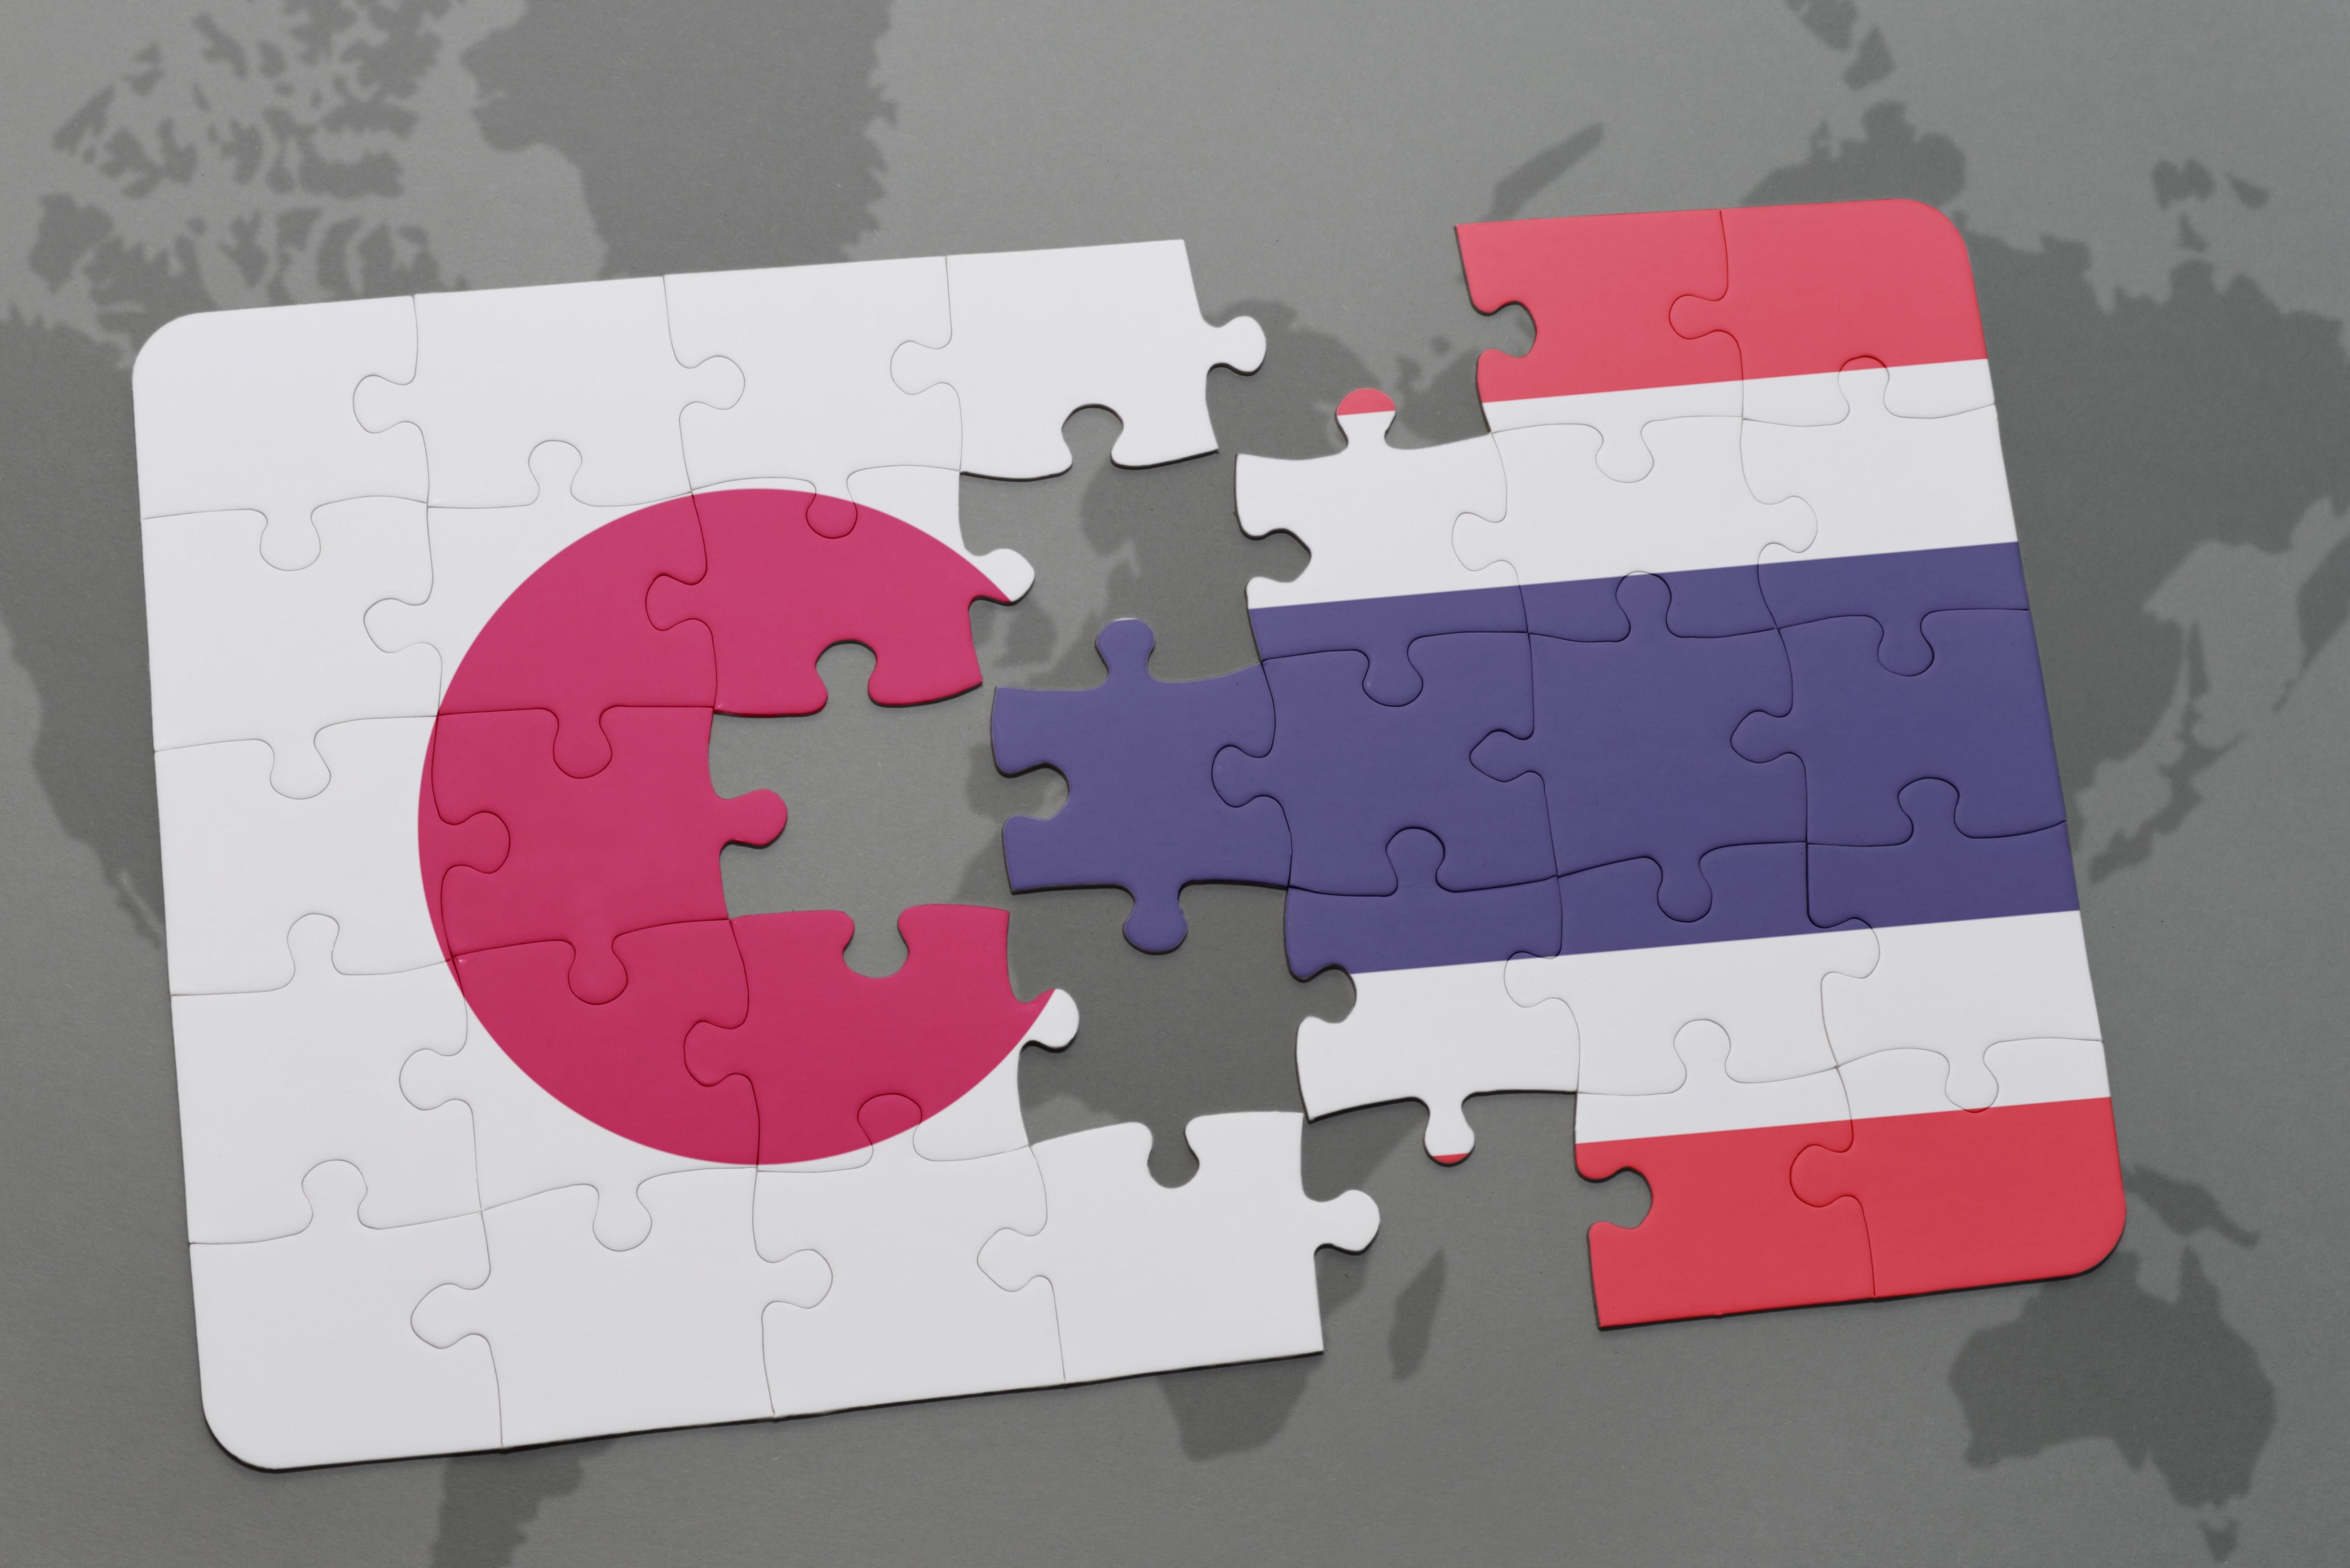 東南アジアEC市場のリアル !年商1千万円超えが続出するCtoC市場、タイのEcommerceの拡大可能性